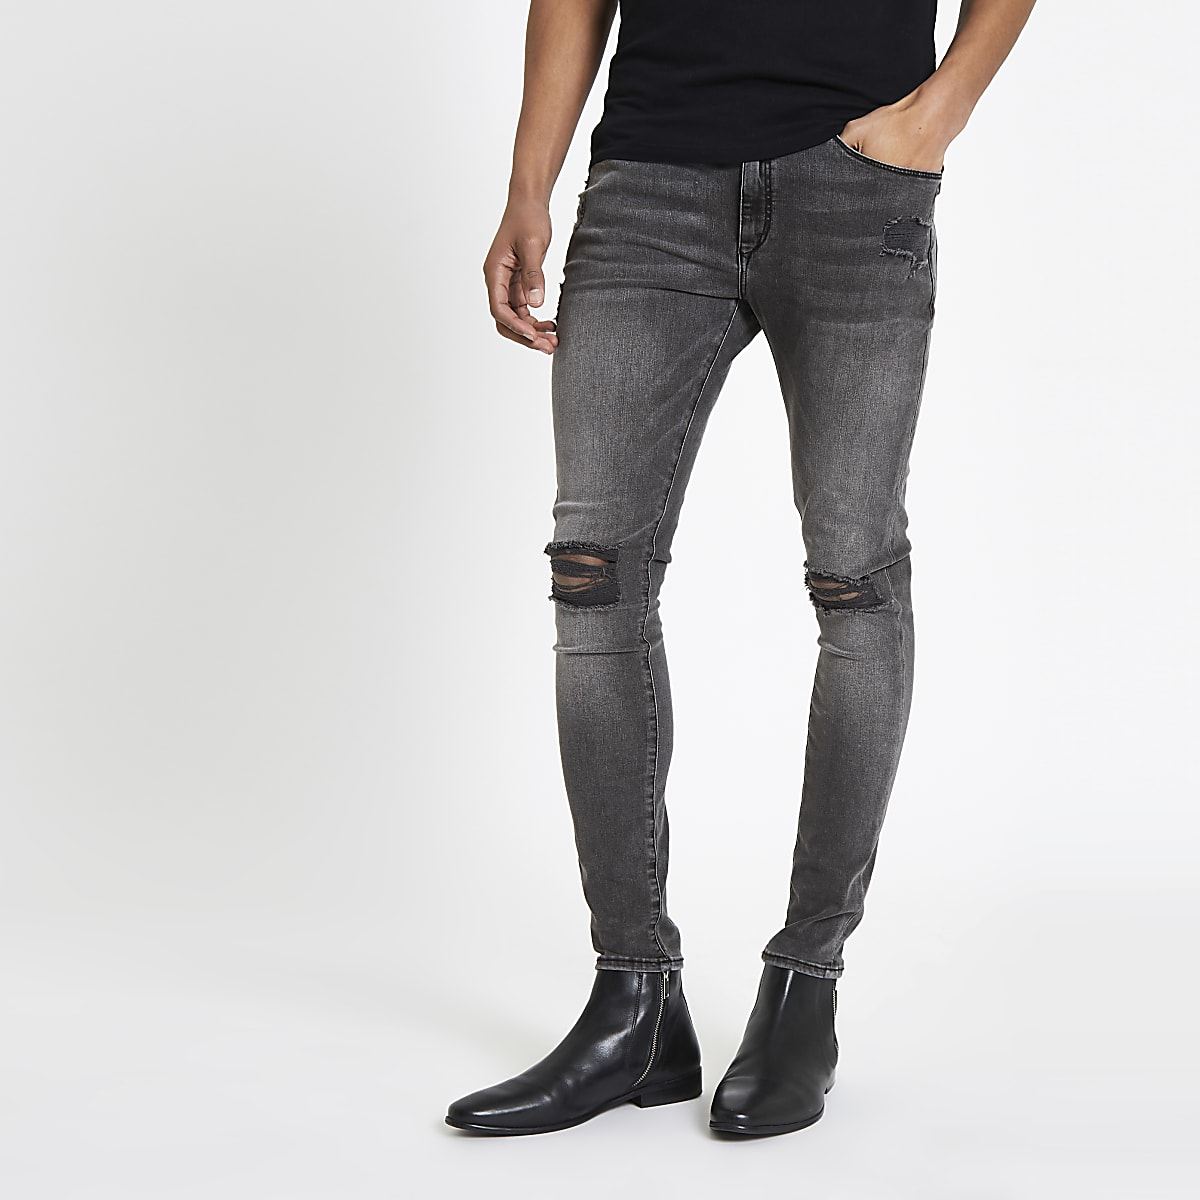 Ollie – Schwarze Spray-on-Jeans im Used-Look mit Waschung